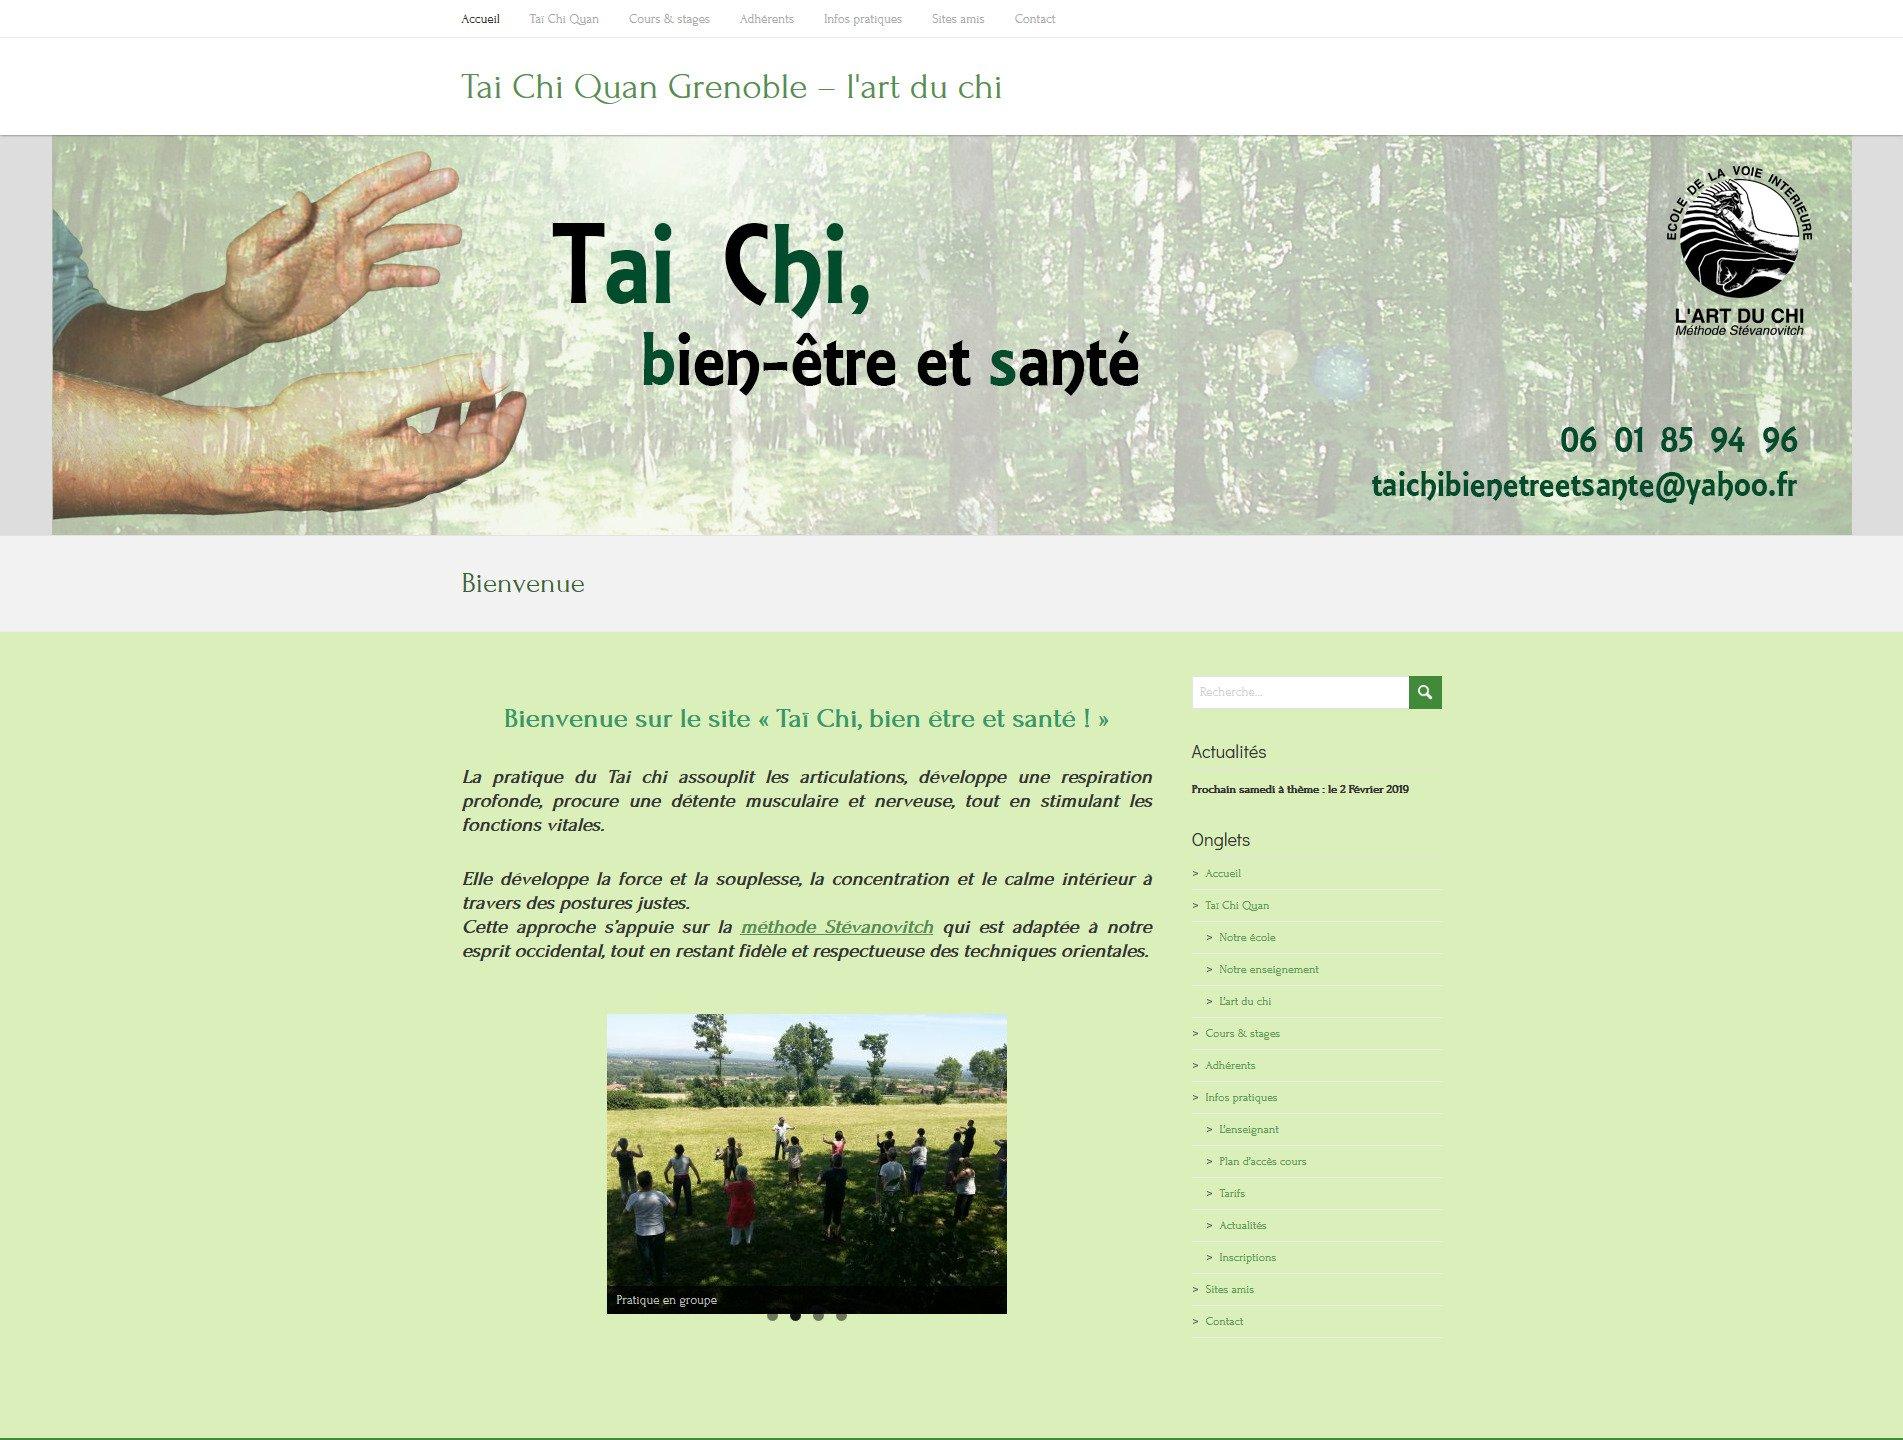 Accueil-Tai-chi-bien-être-et-santé